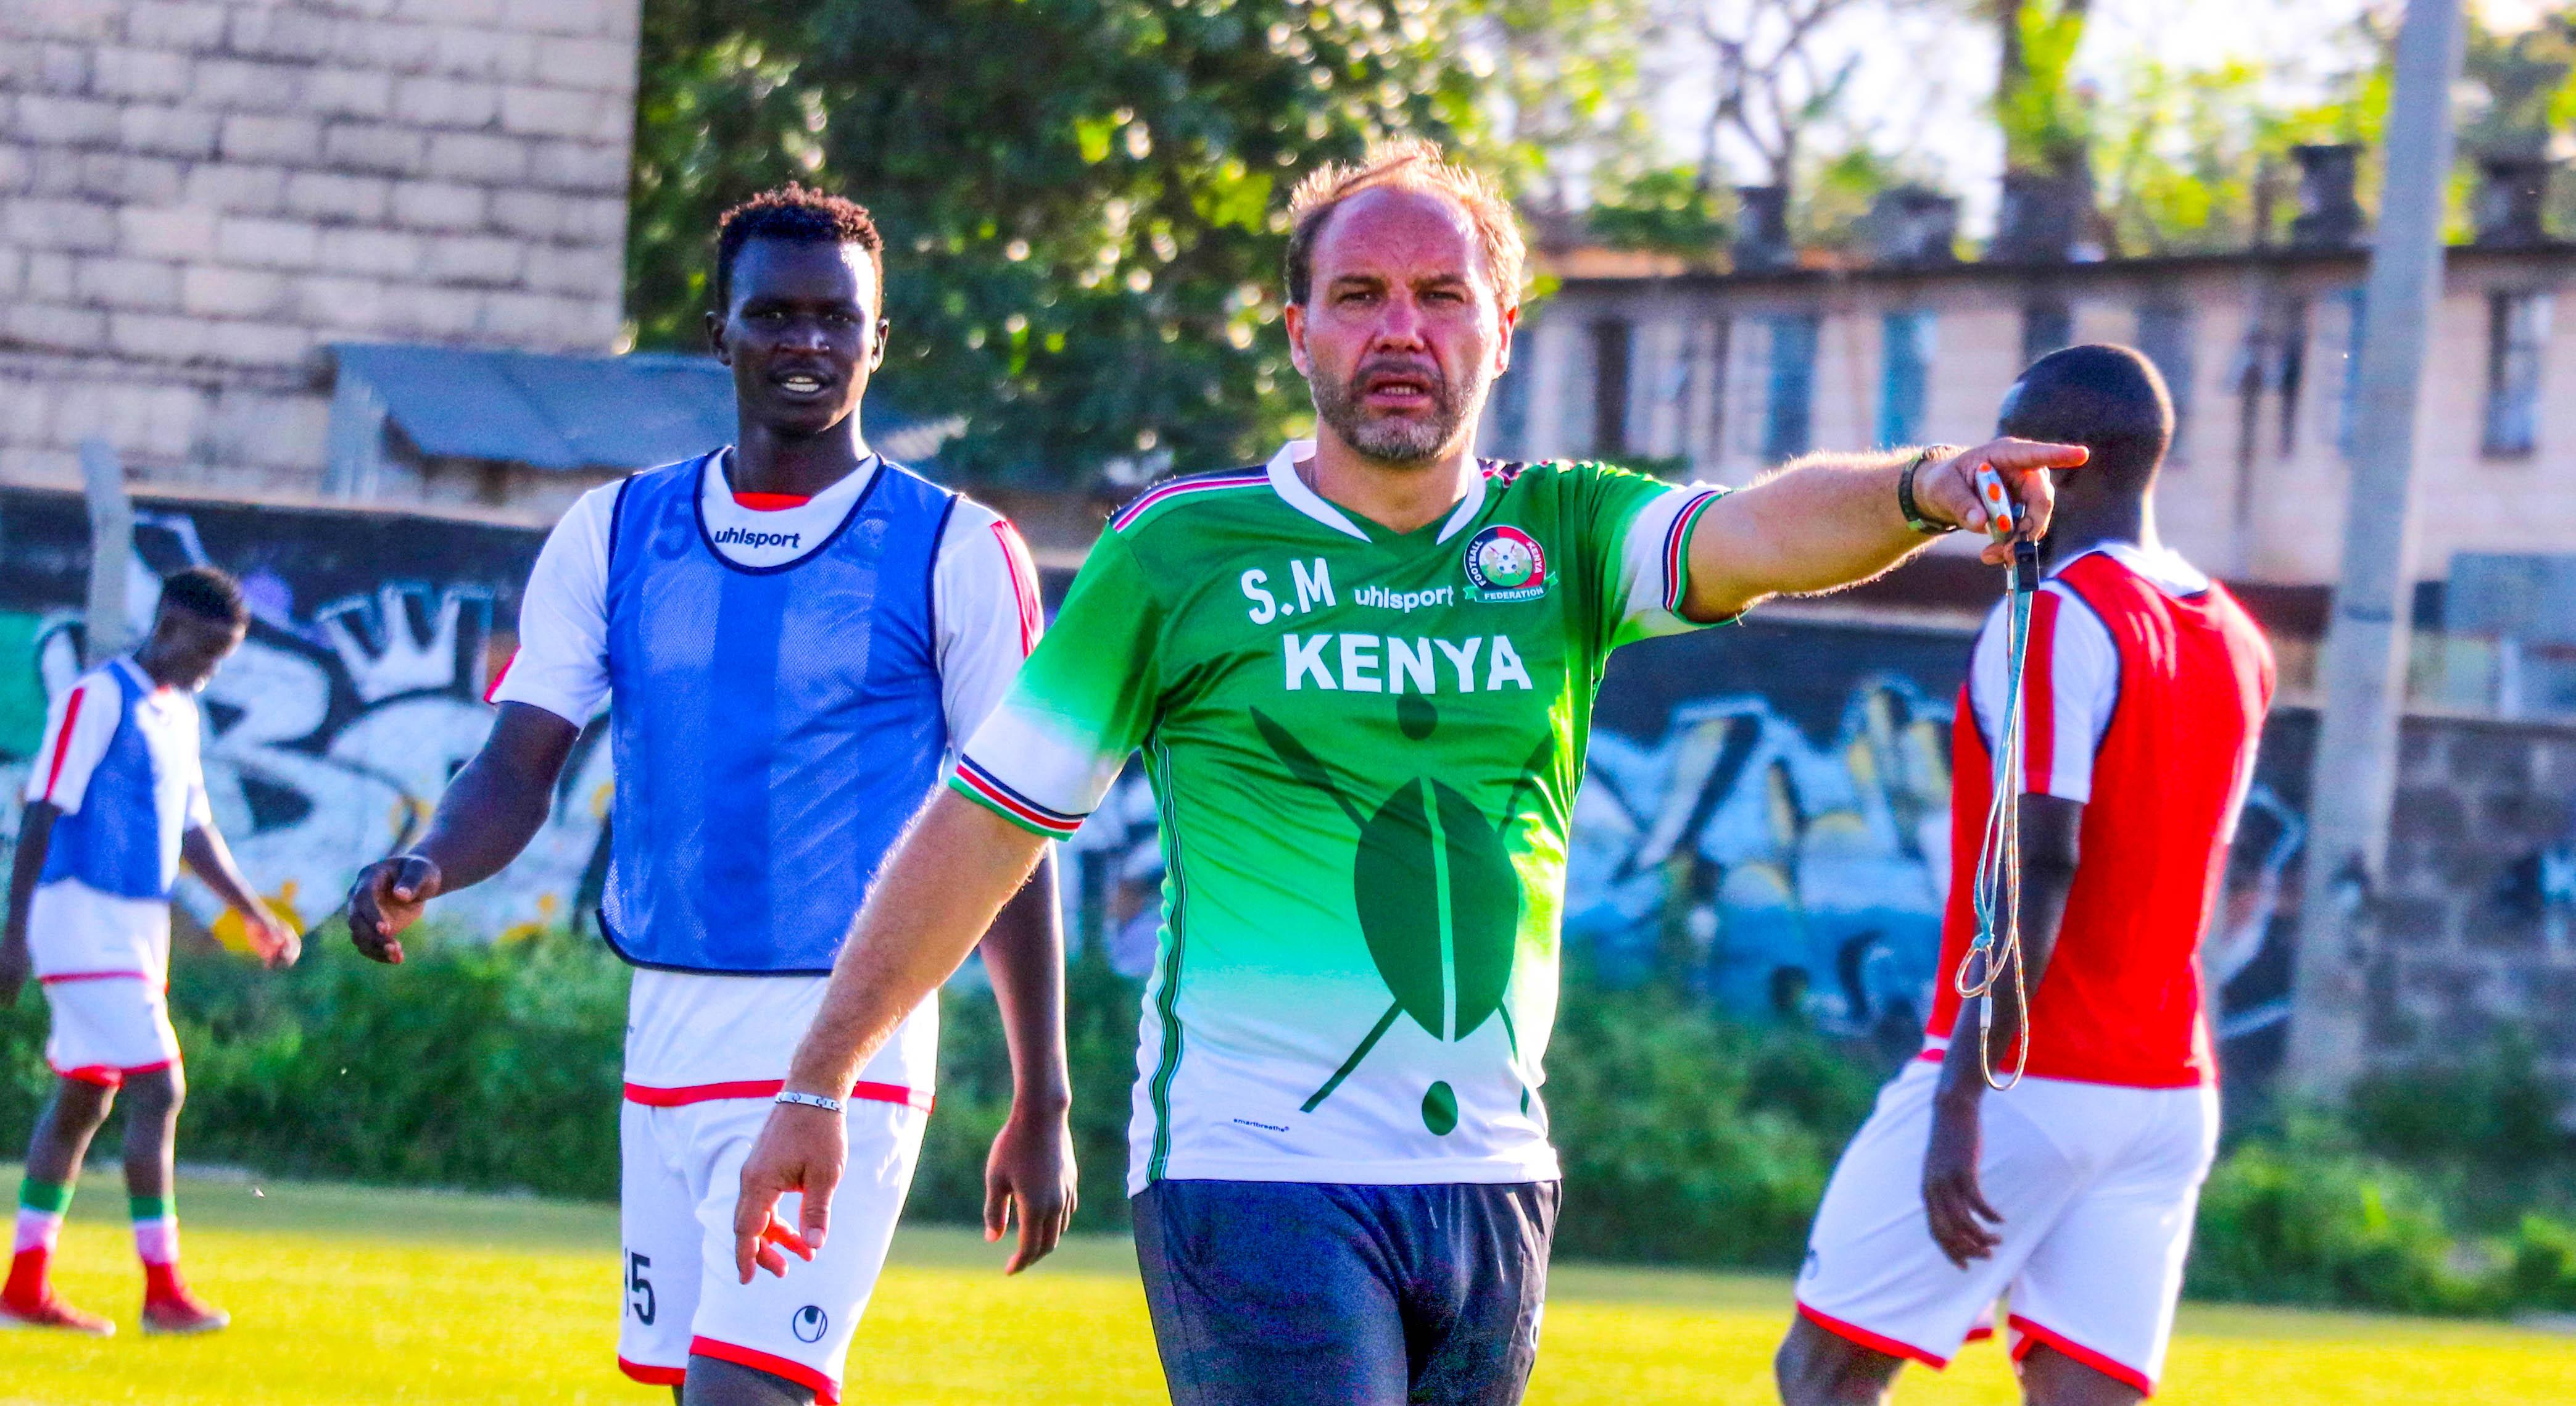 Egypt 2019: 'Change playing style and start winning' – Former Kenyan player Ambani tells present coach Migne